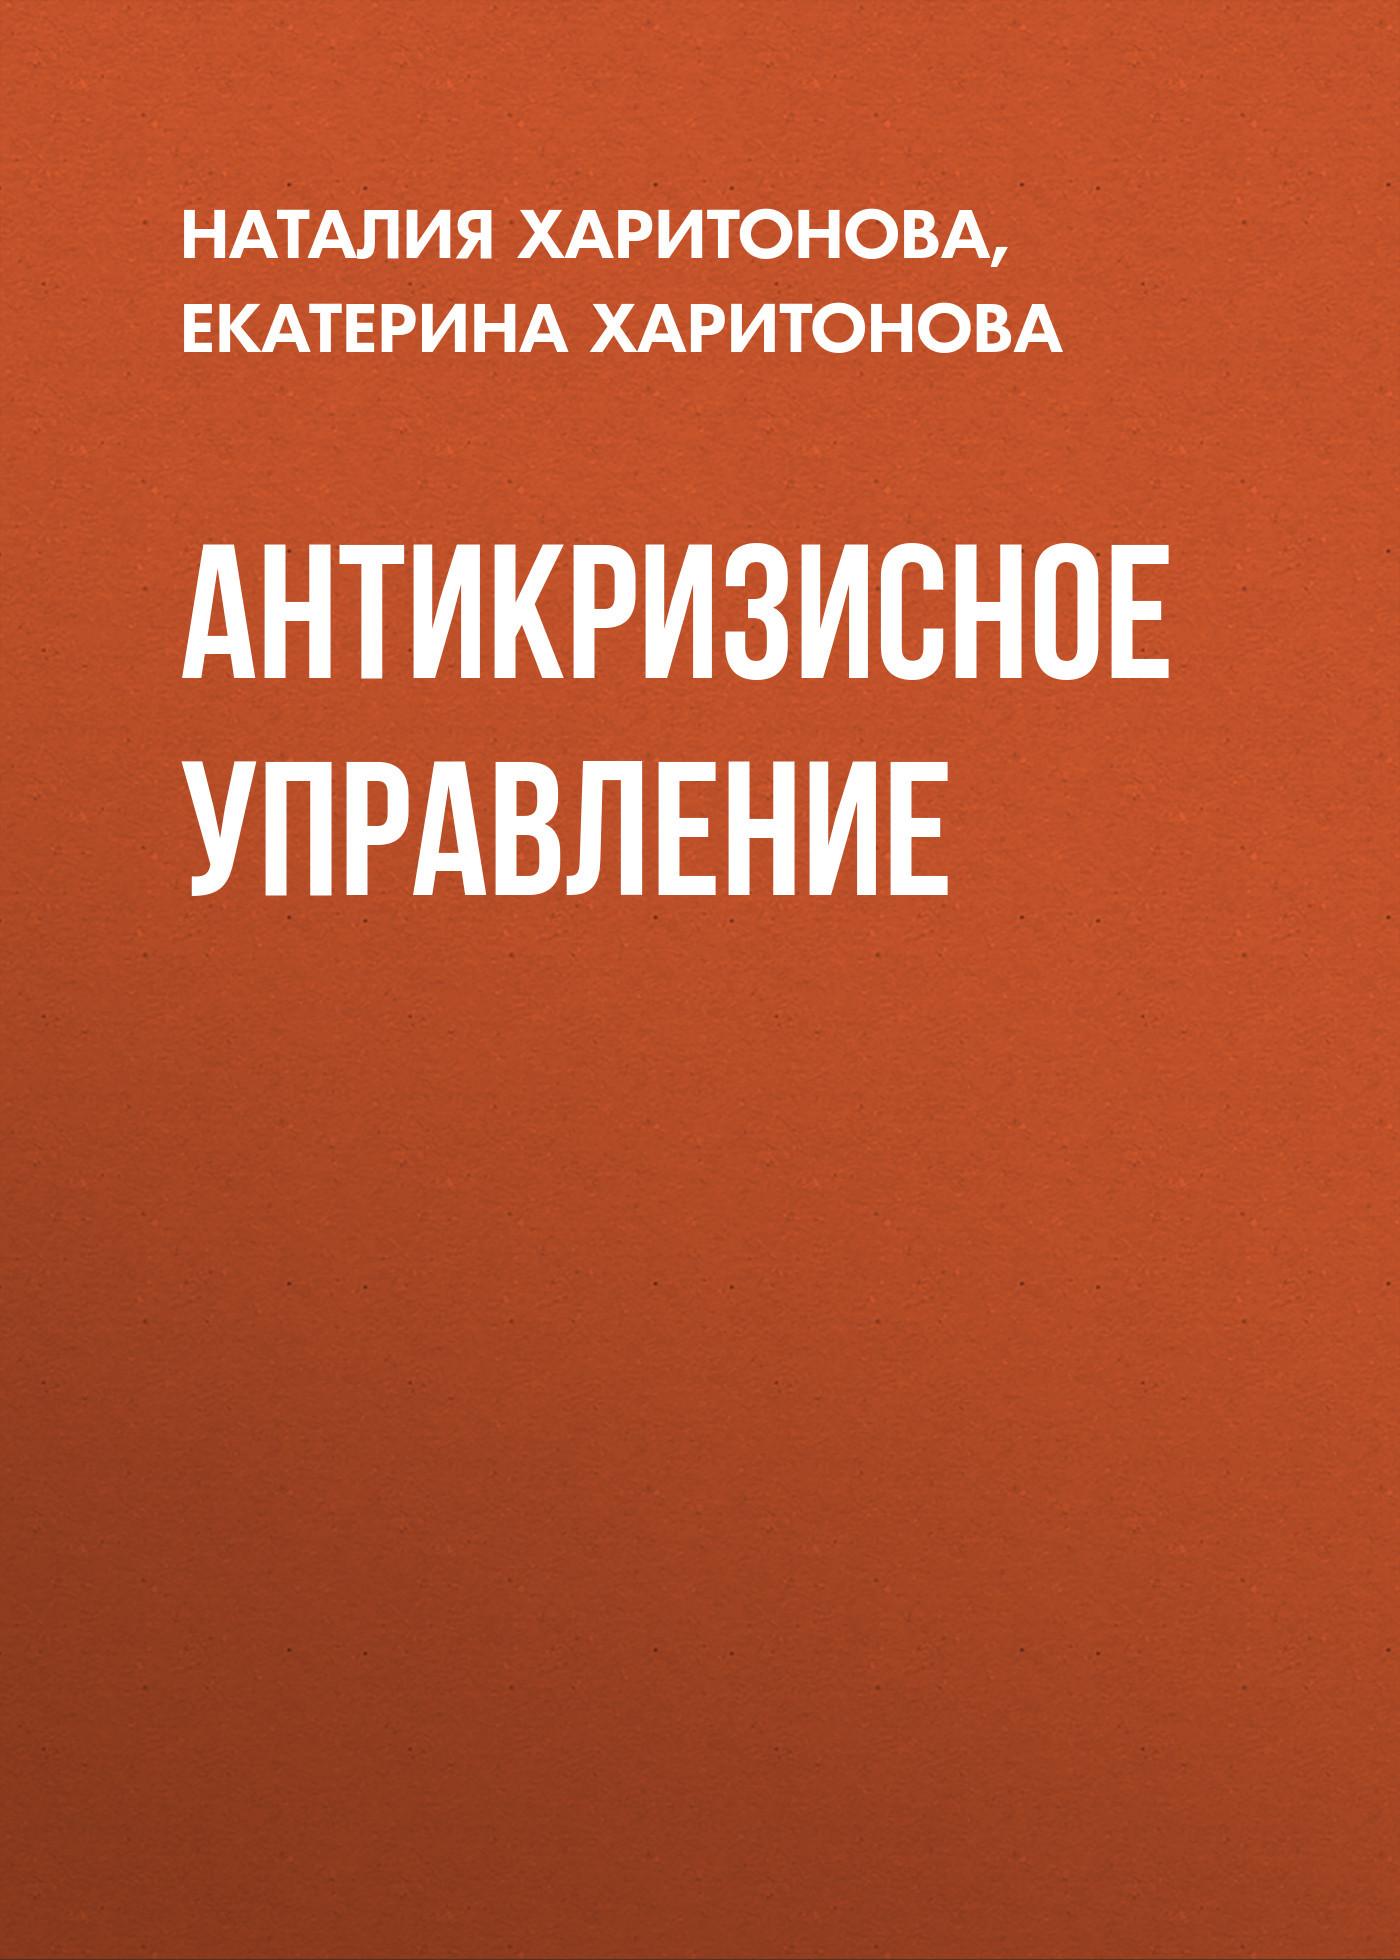 Наталия Харитонова. Антикризисное управление